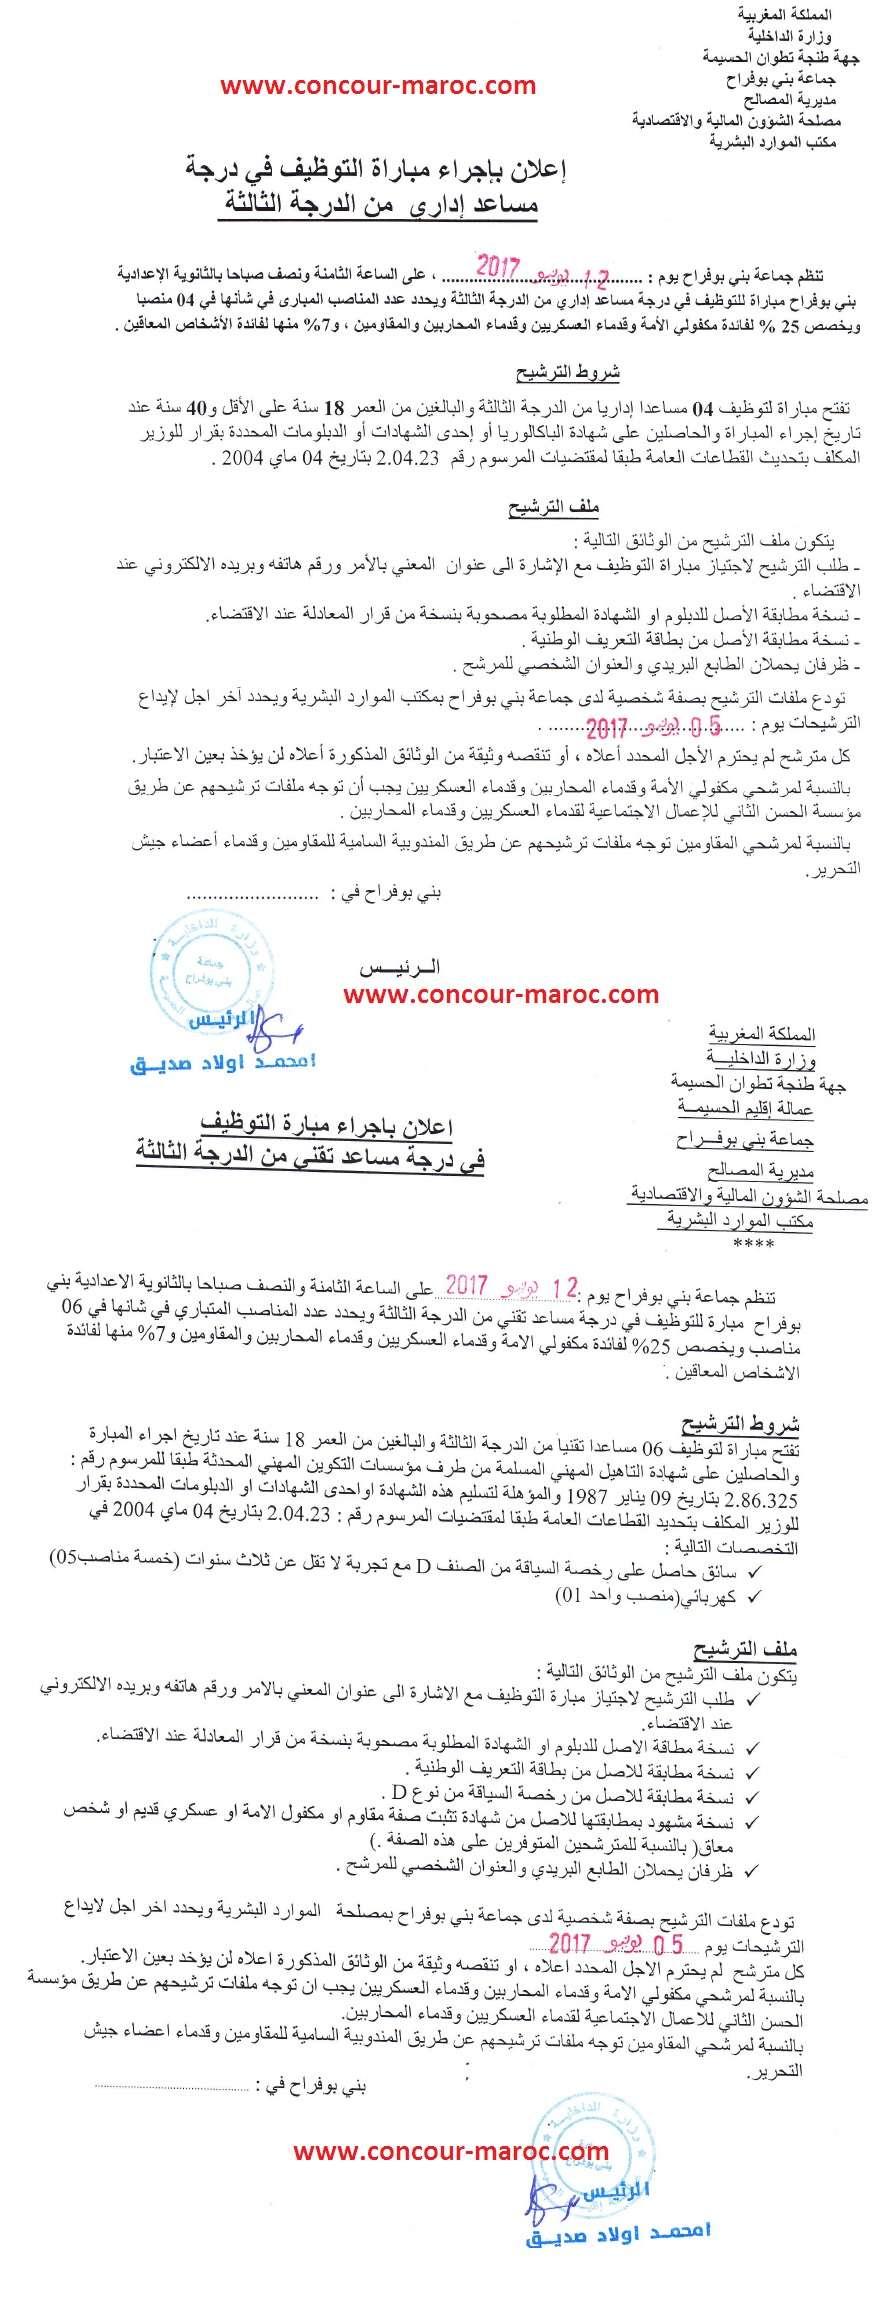 جماعة بني بوفراح (إقليم الحسيمة) : مباراة توظيف في  مختلف الدرجات (12 منصب) آخر أجل لإيداع الترشيحات 5 يونيو 2017 Conco108